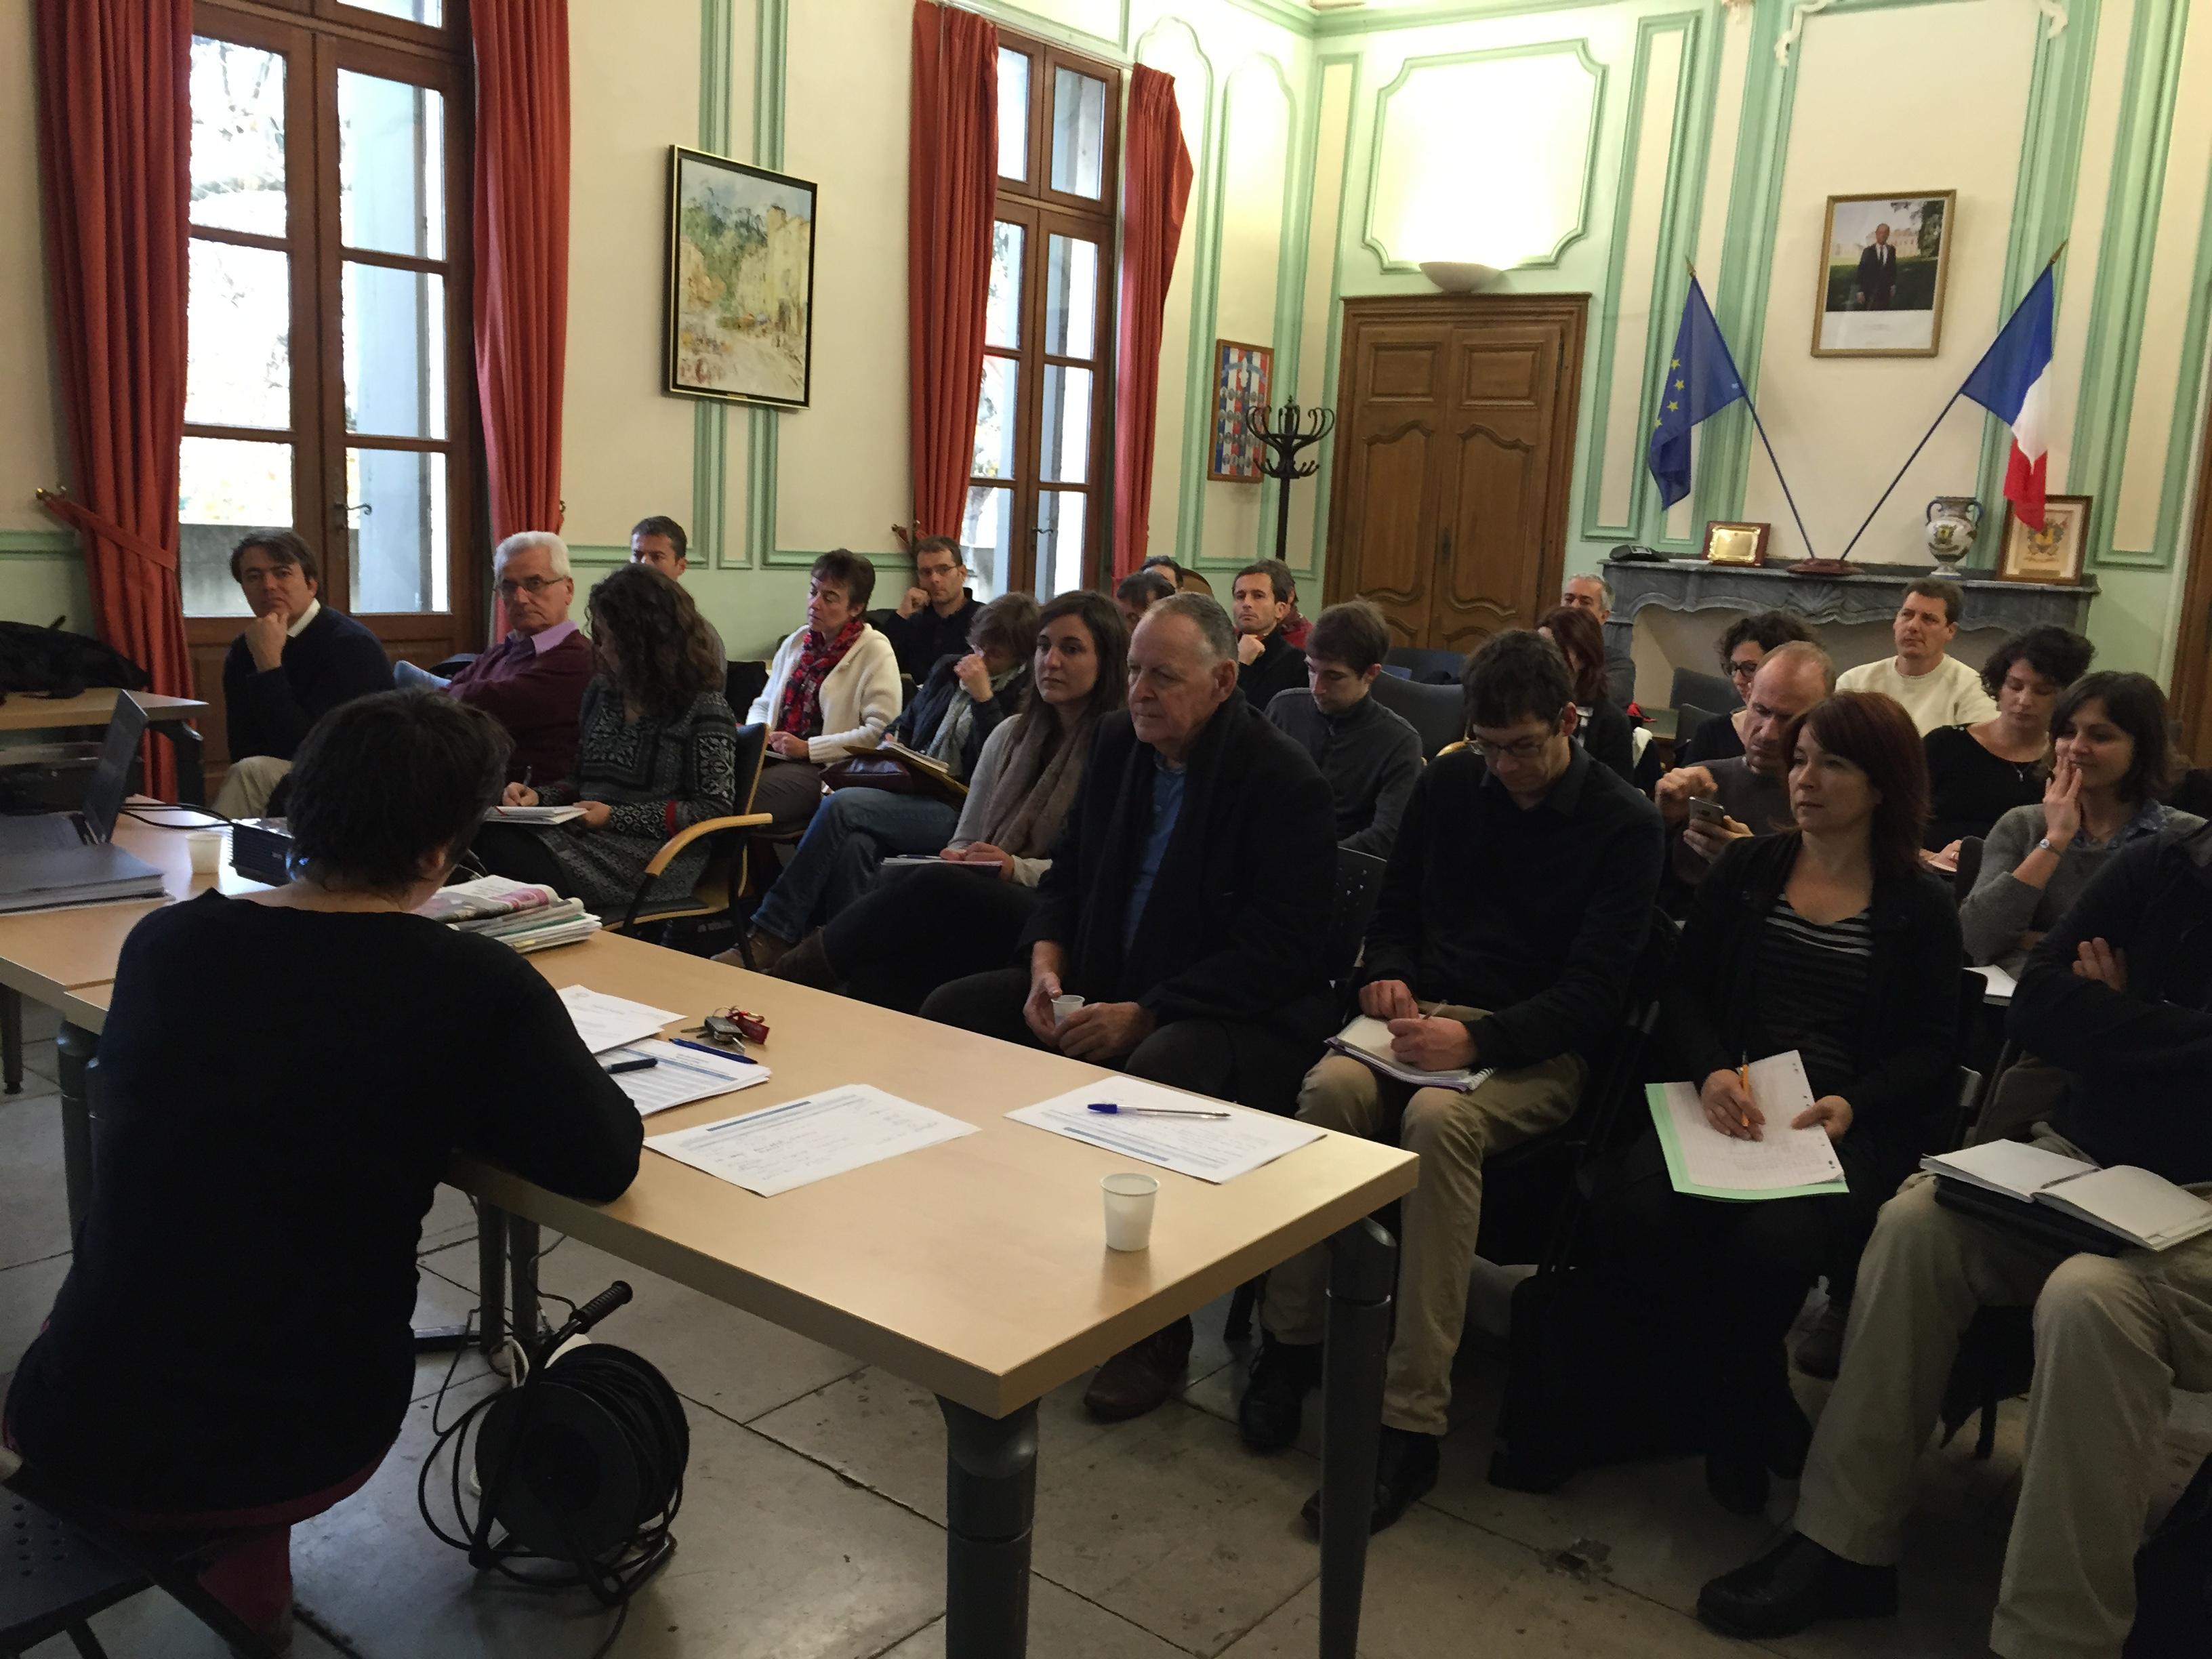 Réunion du Comité de Pilotage du 8 décembre 2015 : Lancement des études diagnostic socio-économique de l'activité agricole et évaluation des risques de contamination par les produits phytosanitaires